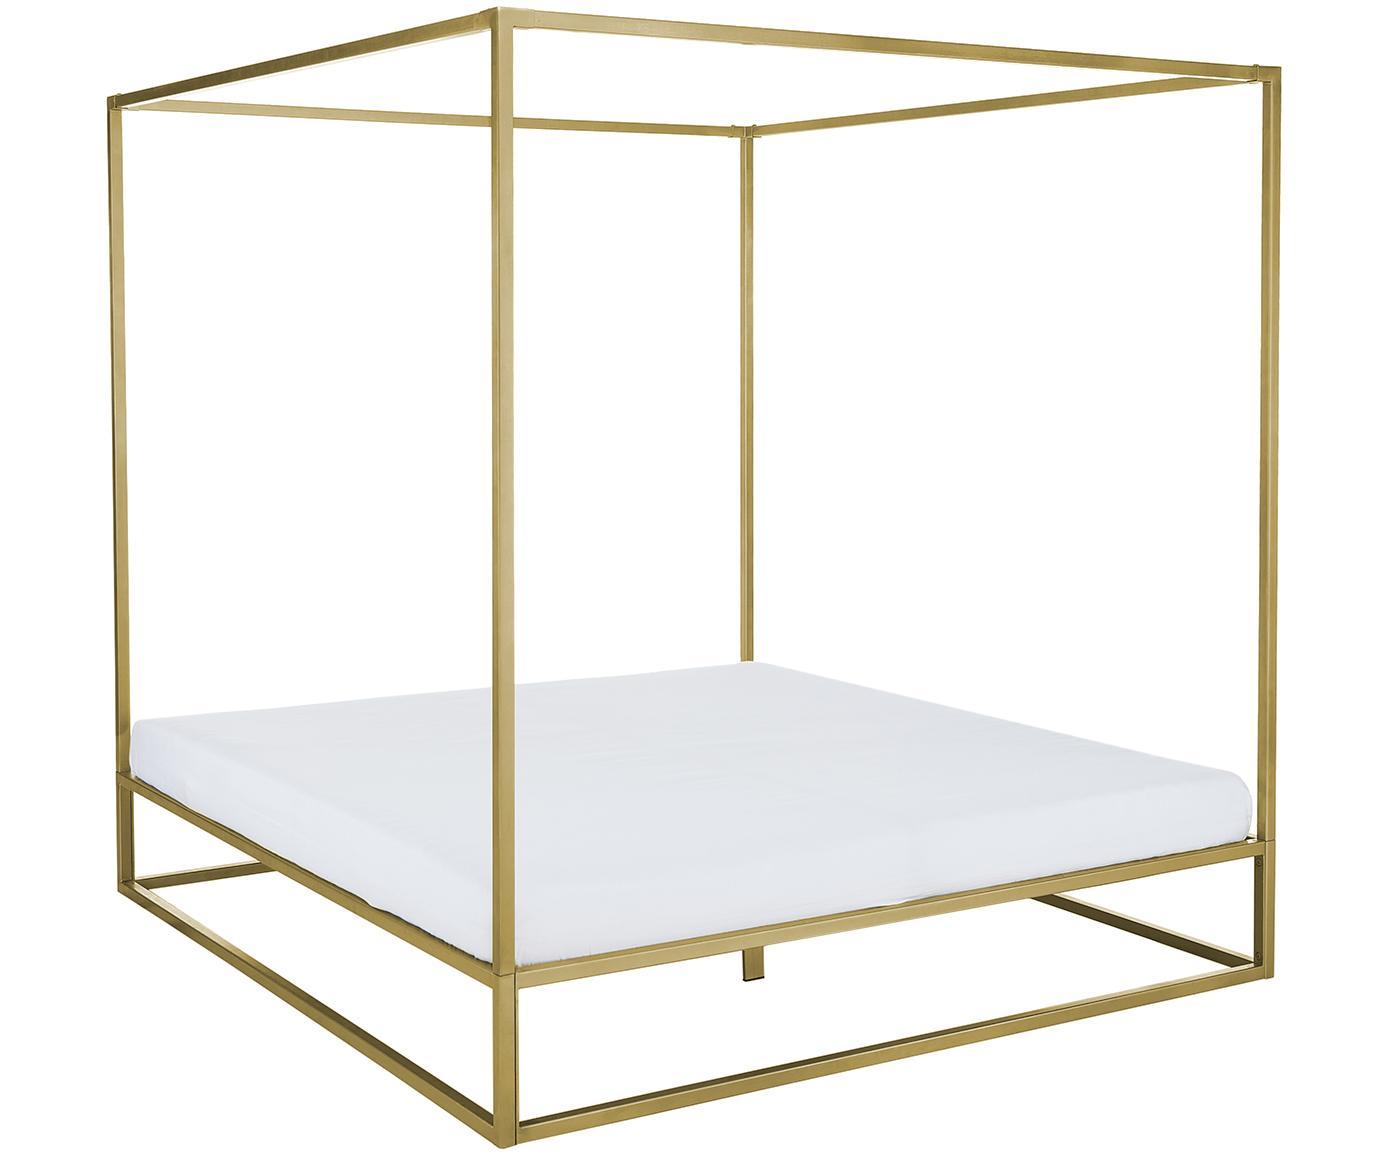 Łóżko z baldachimem Belle, Metal mosiądzowany, Odcienie złotego, matowy, 160 x 200 cm